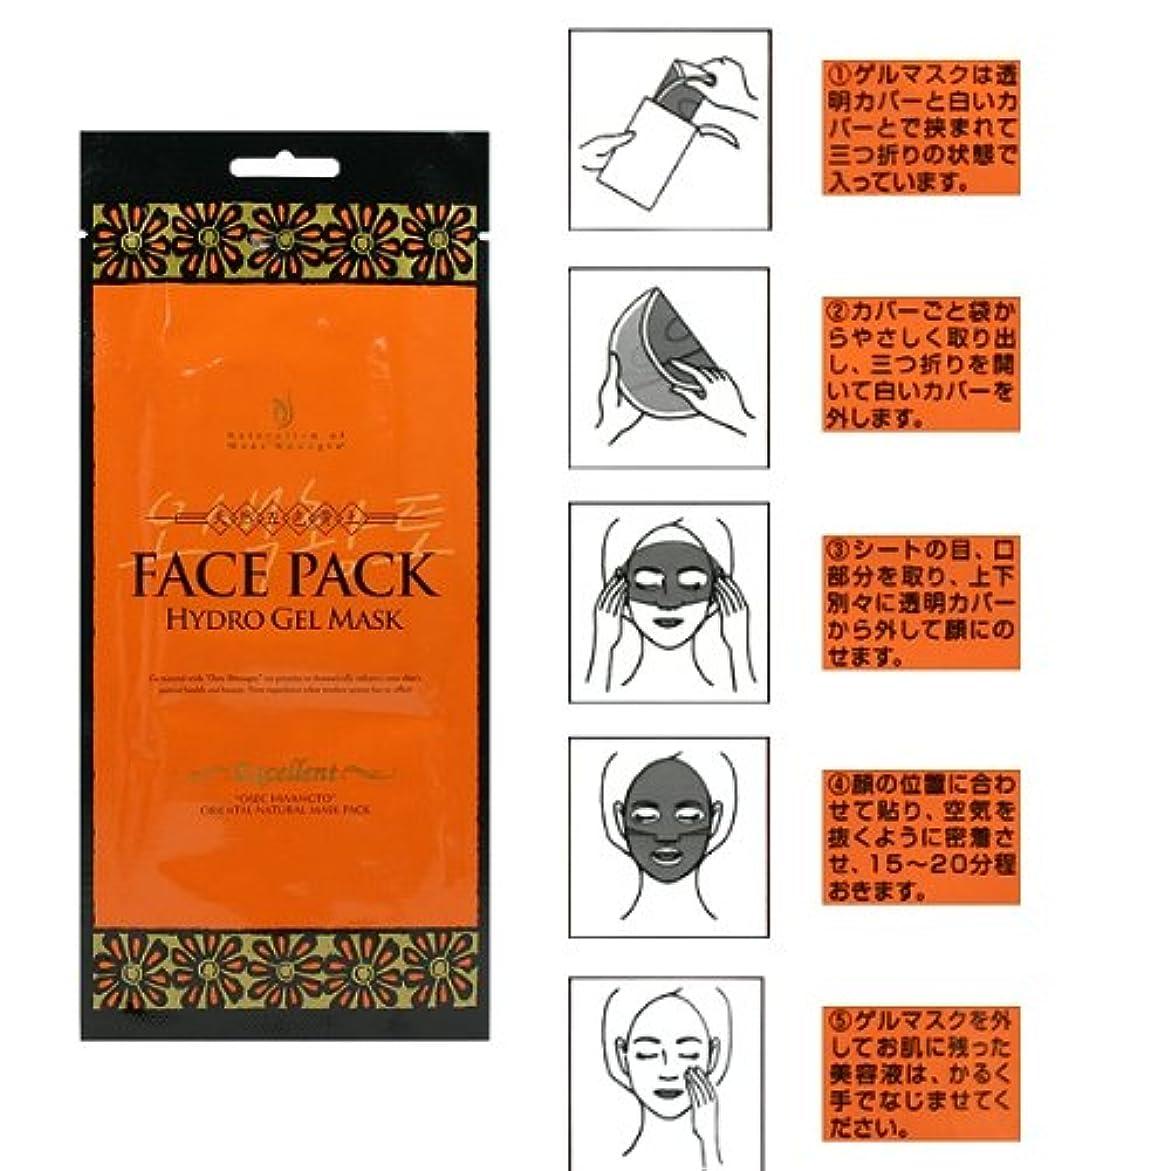 鉄道駅前置詞練習したプエラス 五色黄土ハイドロゲルマスク (フェイスパック)30gx1枚